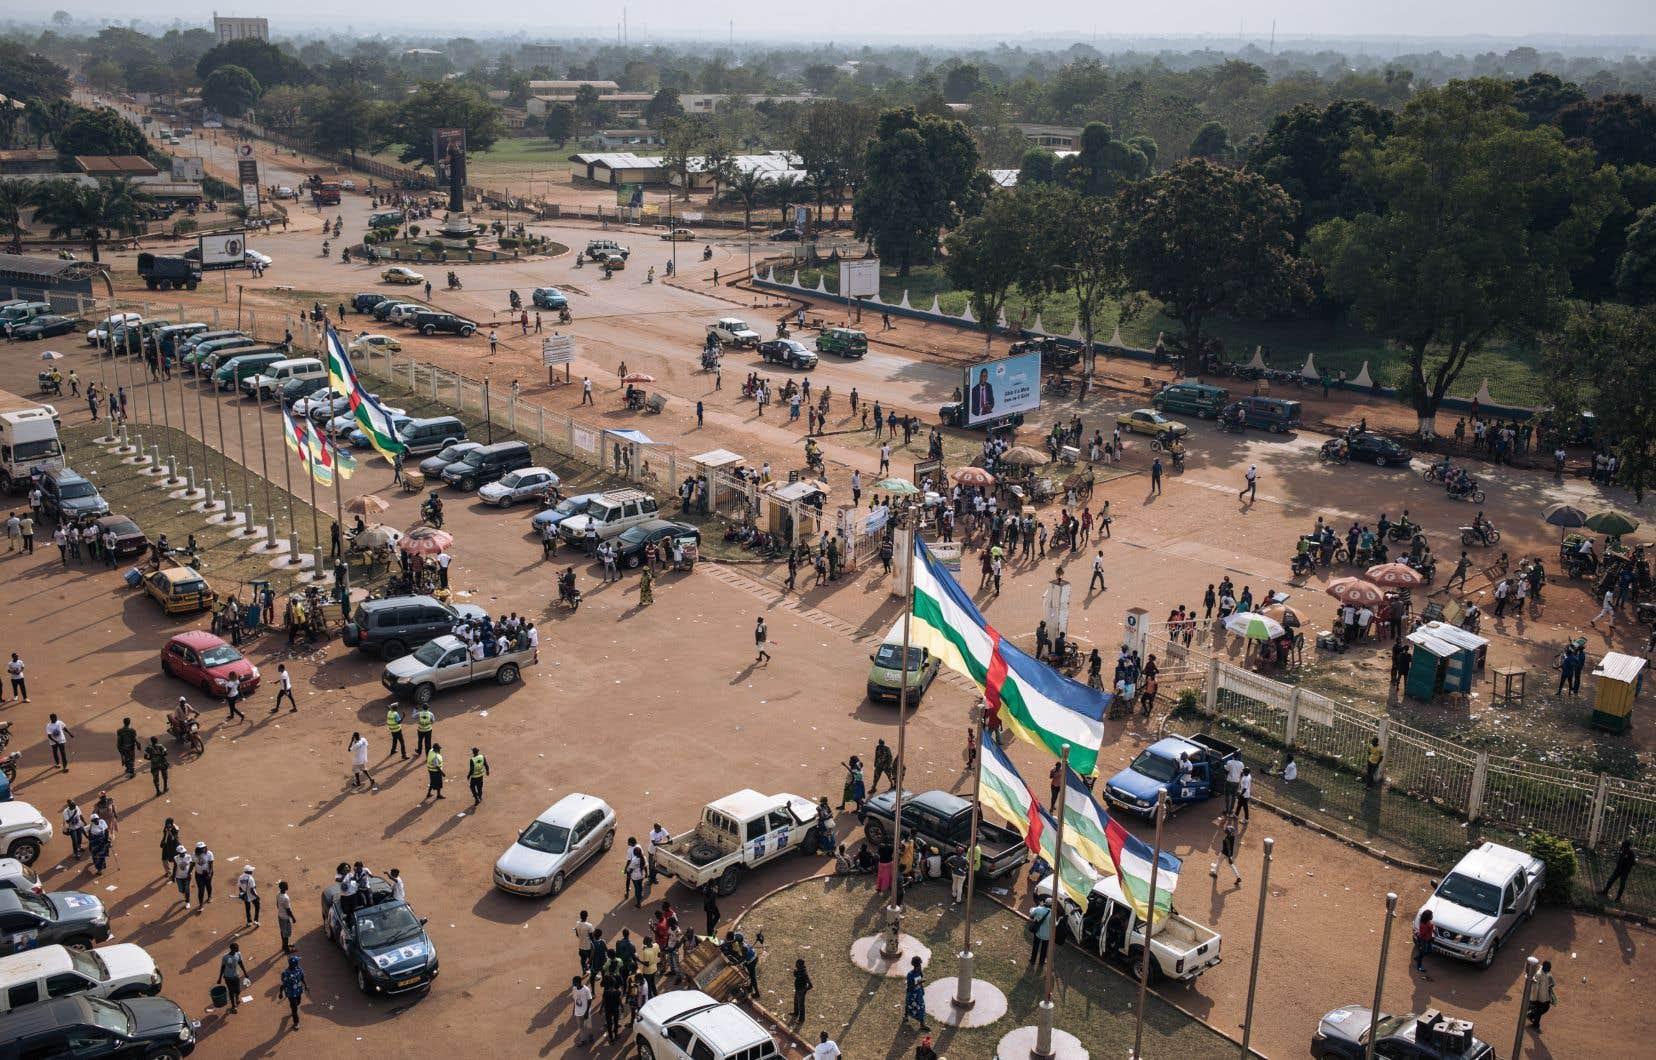 Des partisans du président de la République centrafricaine convergent vers le stade de Bangui pour assister à un rassemblement électoral, le 19 décembre 2020.